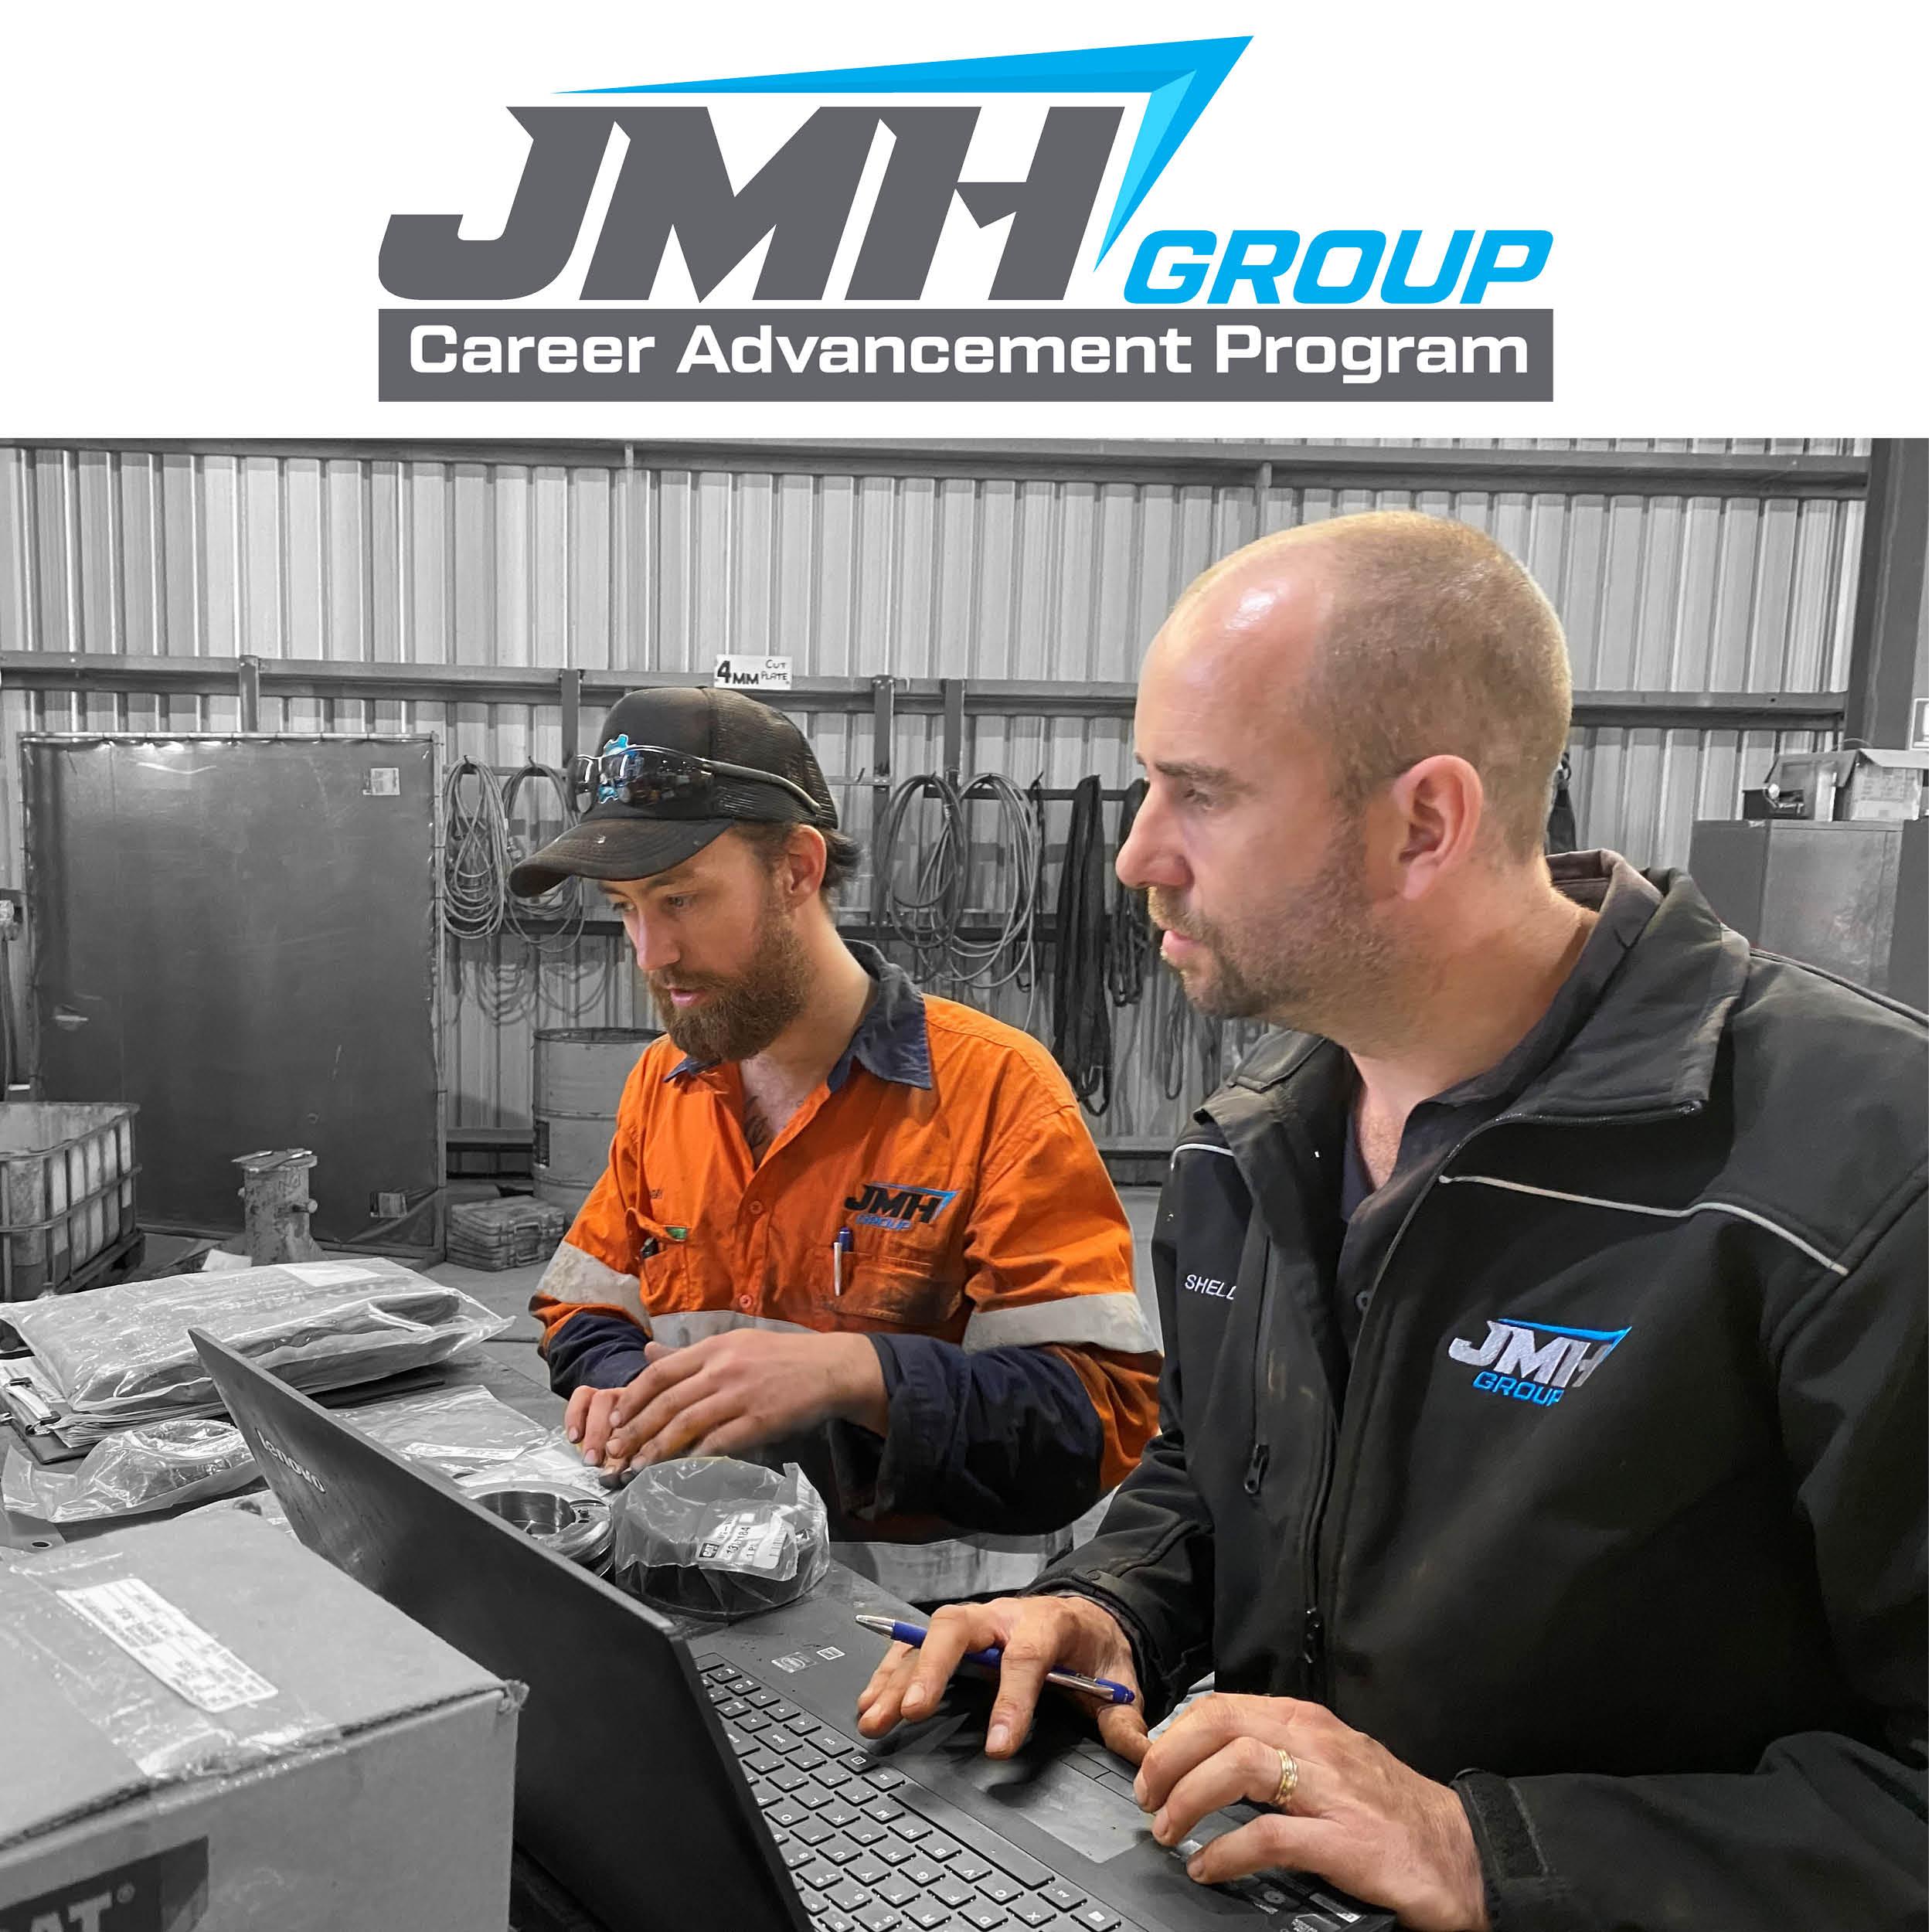 JMH Group Career Advancement Program